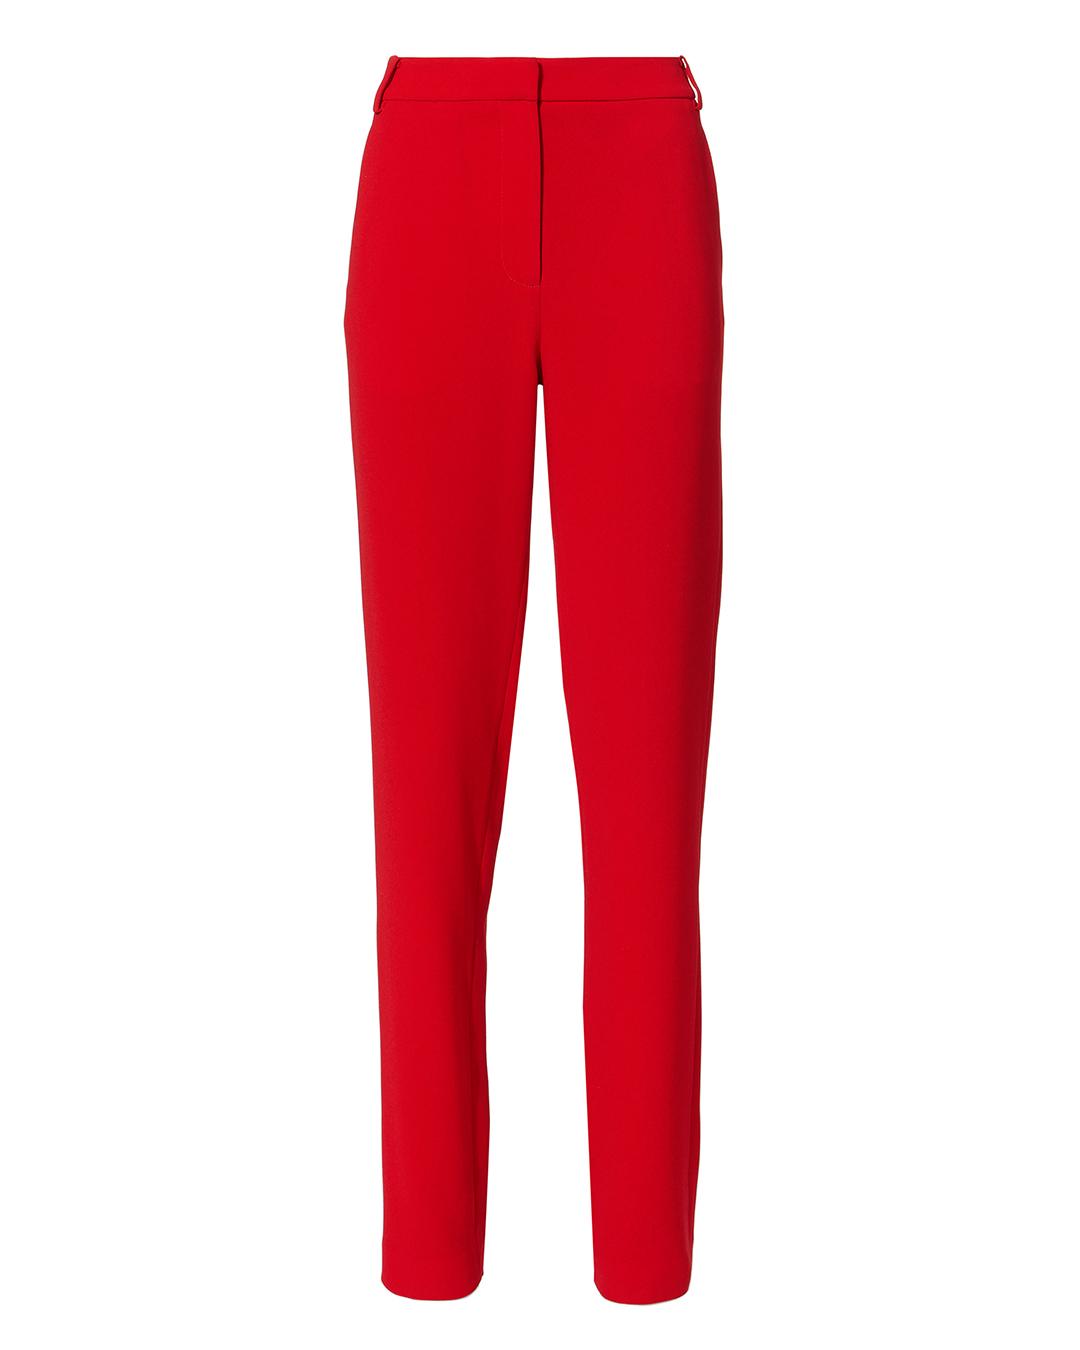 TIBI BEATLE SKINNY PANTS RED